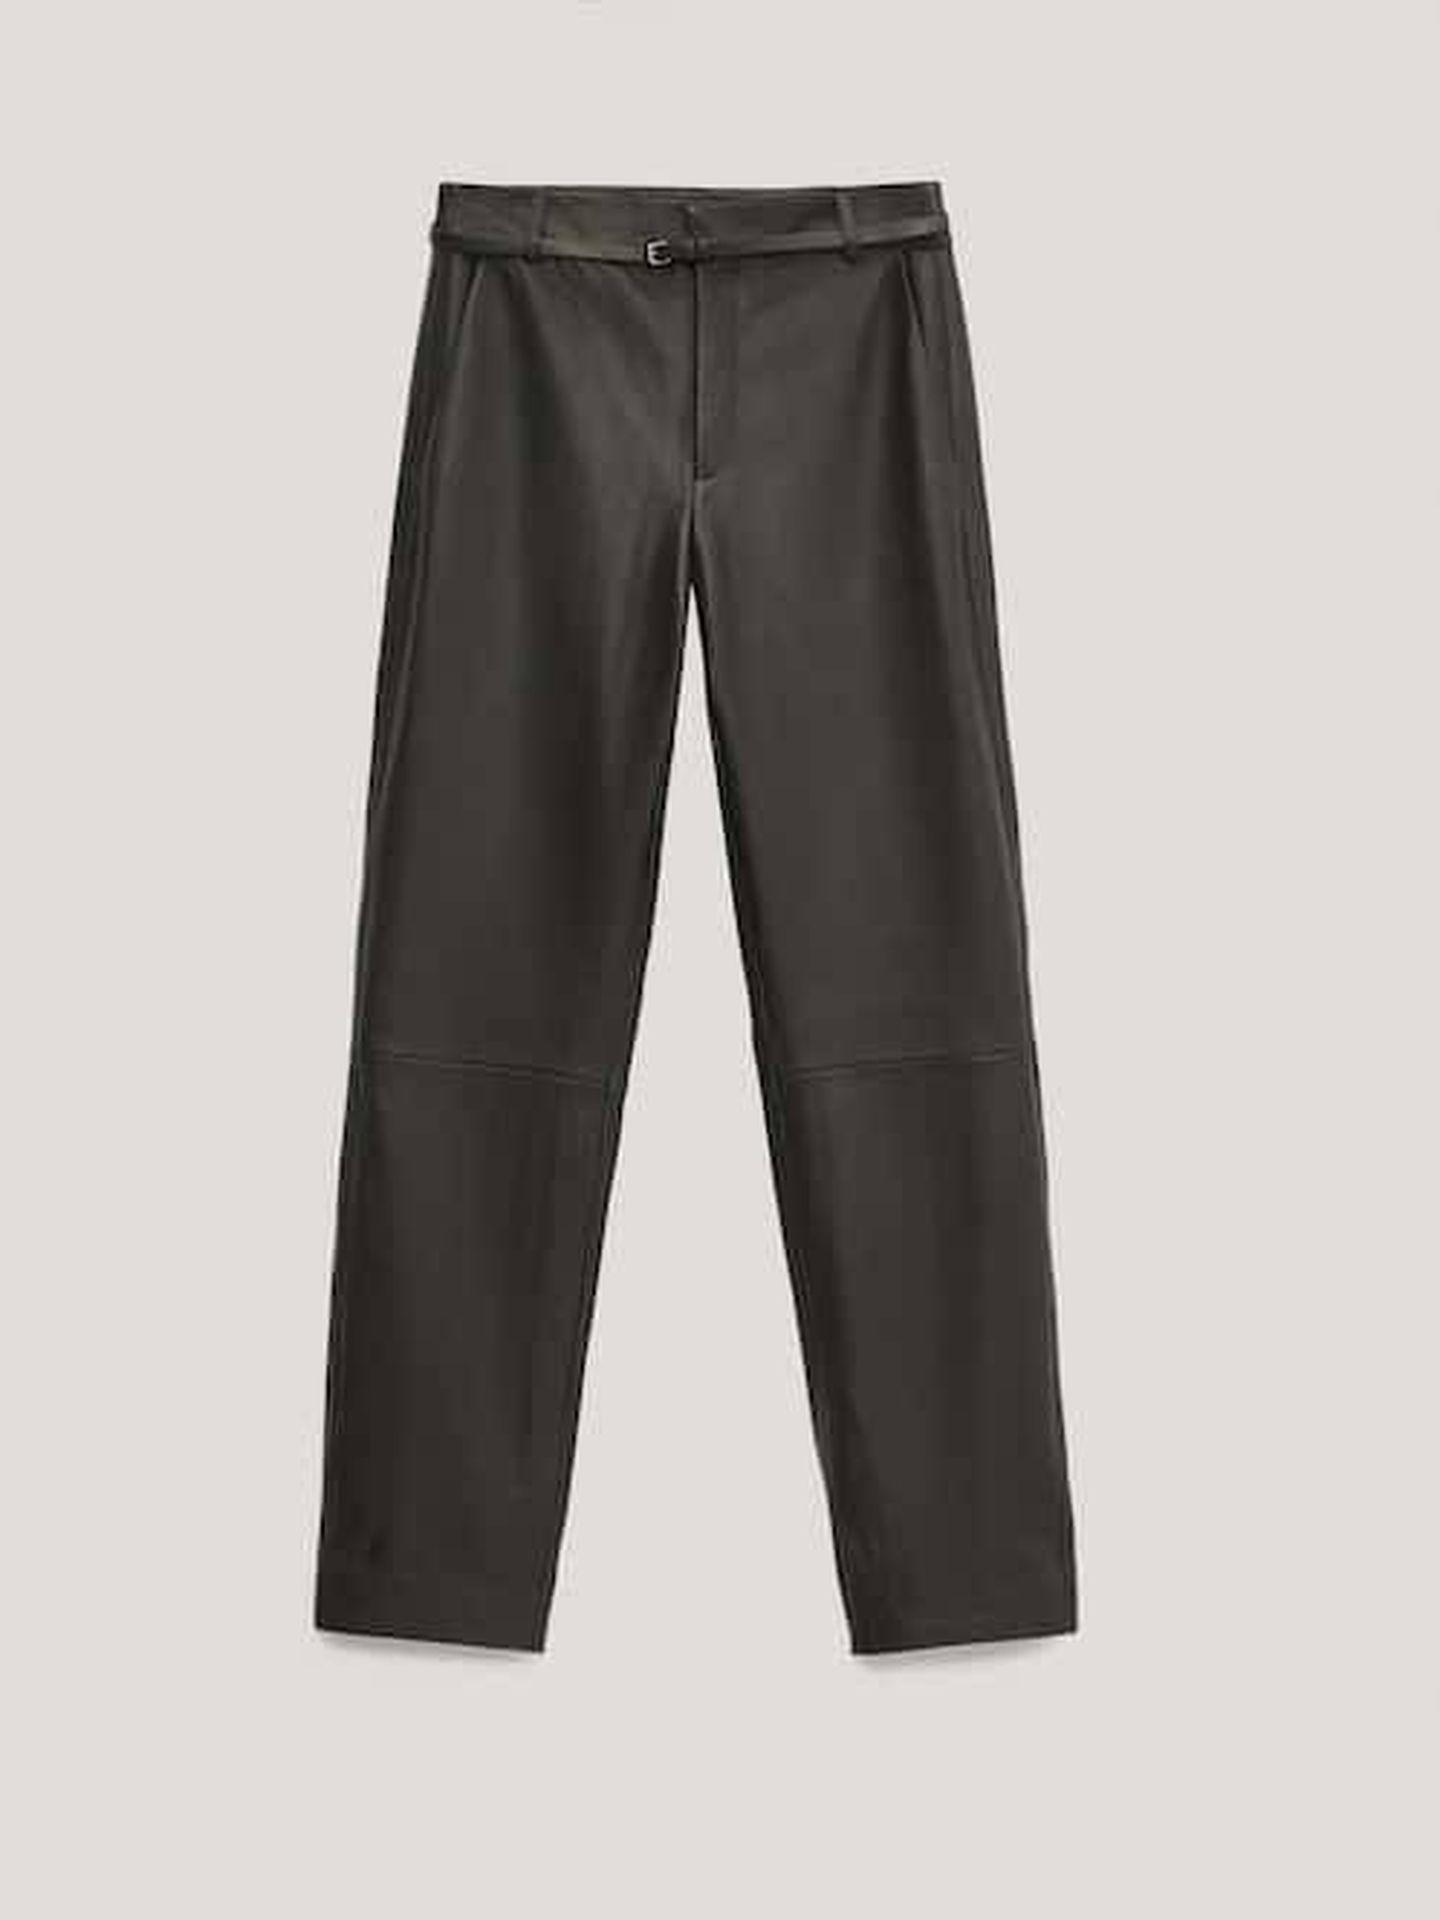 El pantalón de Massimo Dutti. (Cortesía)